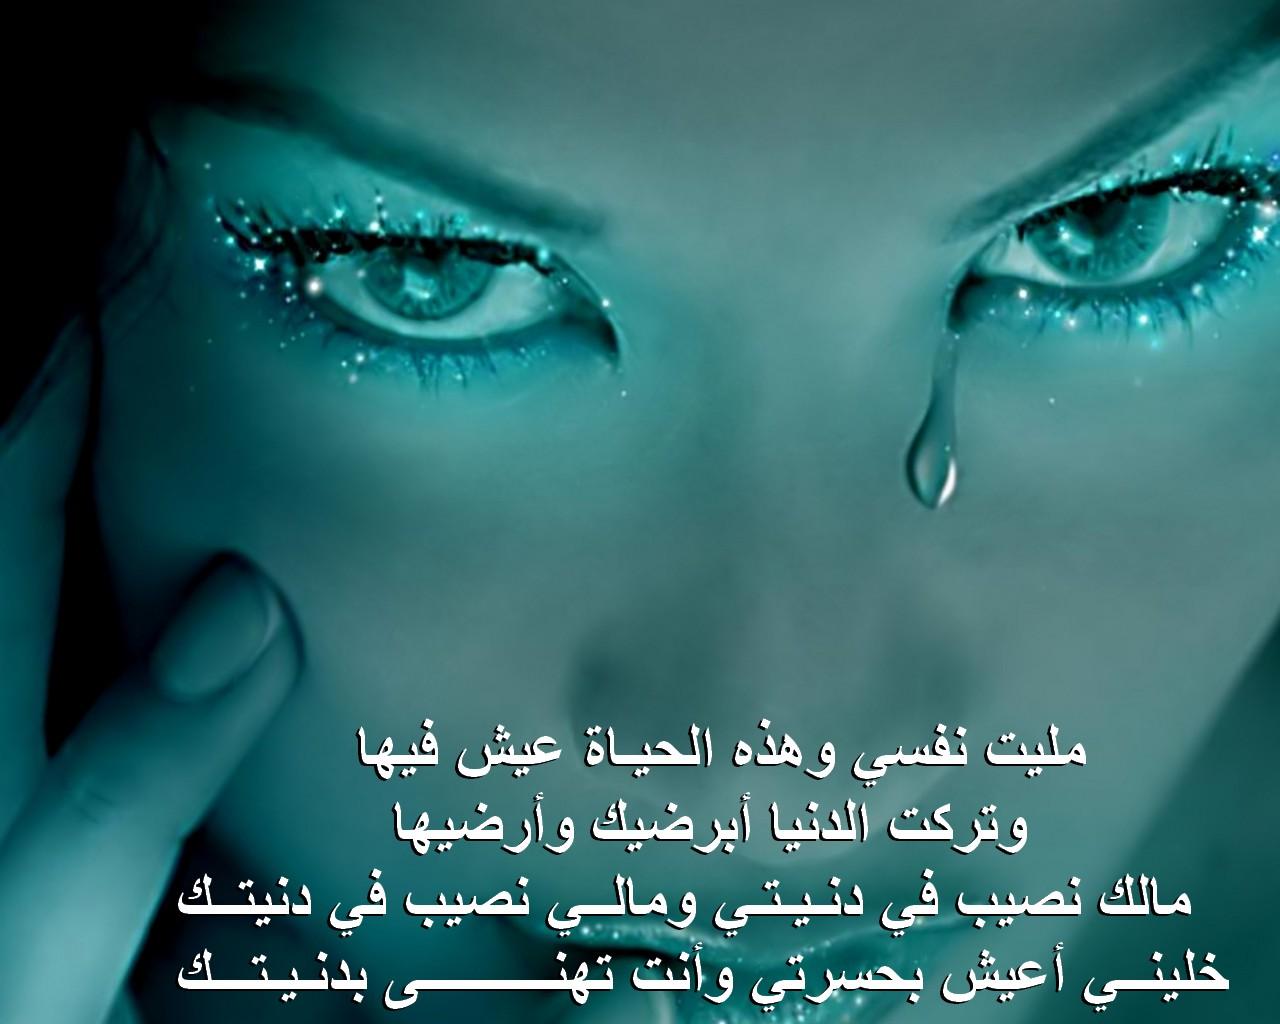 بالصور اجمل صور حزن , صور حزينة روعة للفيس بوك 3607 10